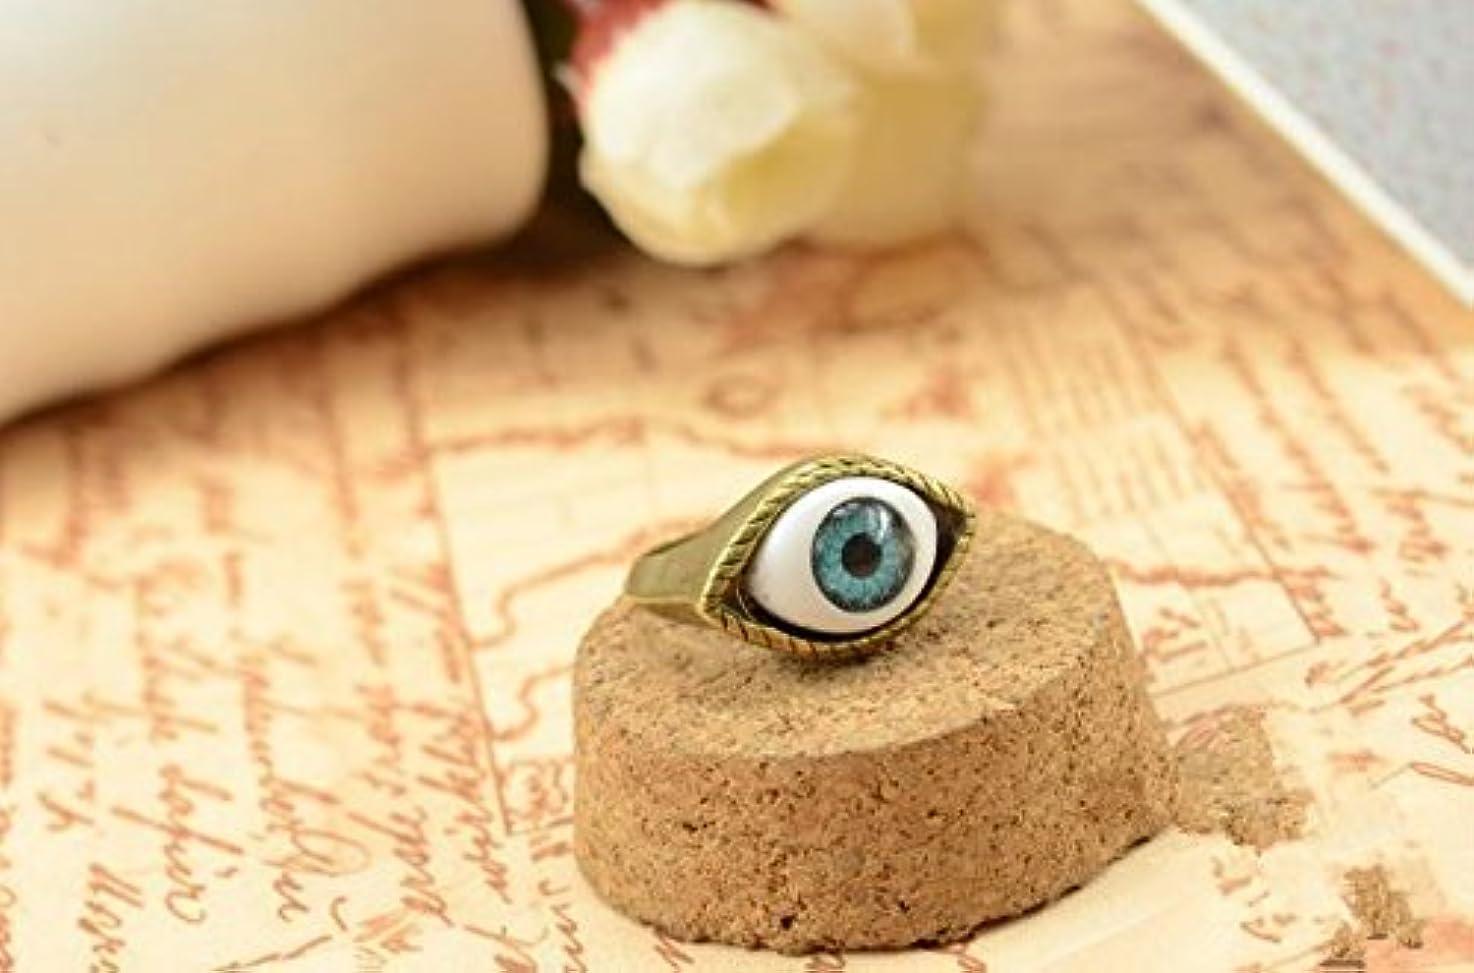 見かけ上モート不適当Jicorzo - ヨーロッパと米国のゴシックパンク風のレトロな青と茶色の鬼の目のリング宝石の1pcsを誇張[青]